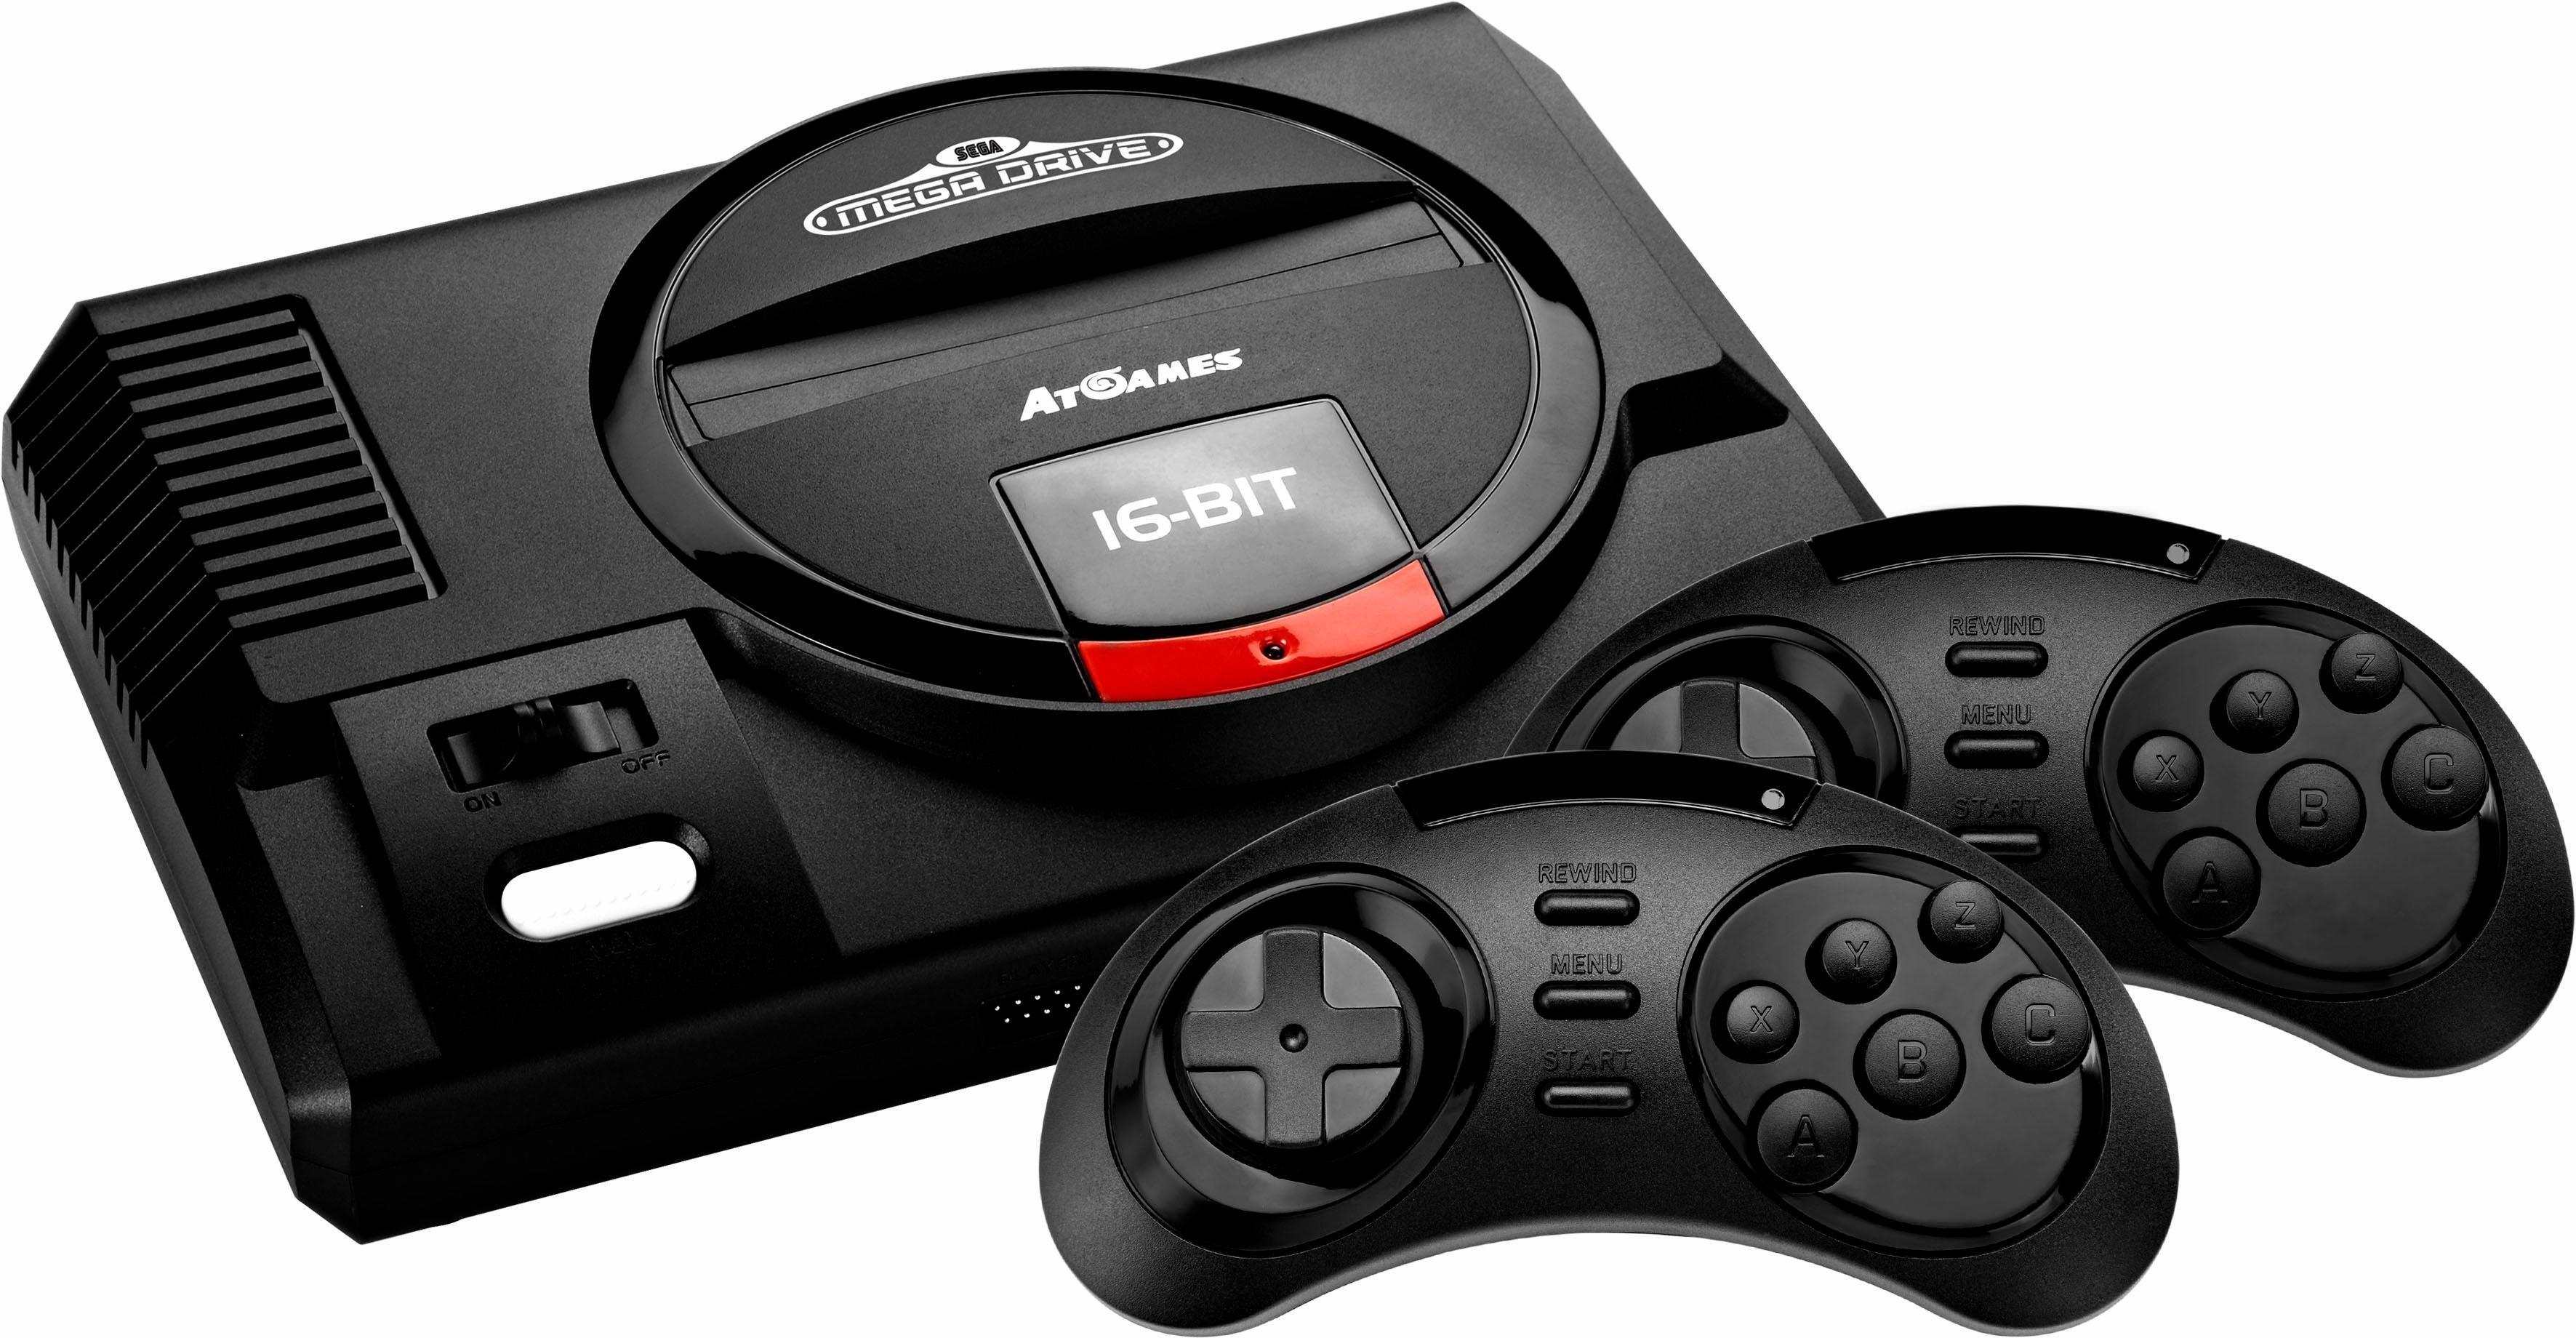 Sega Megadrive Flashback